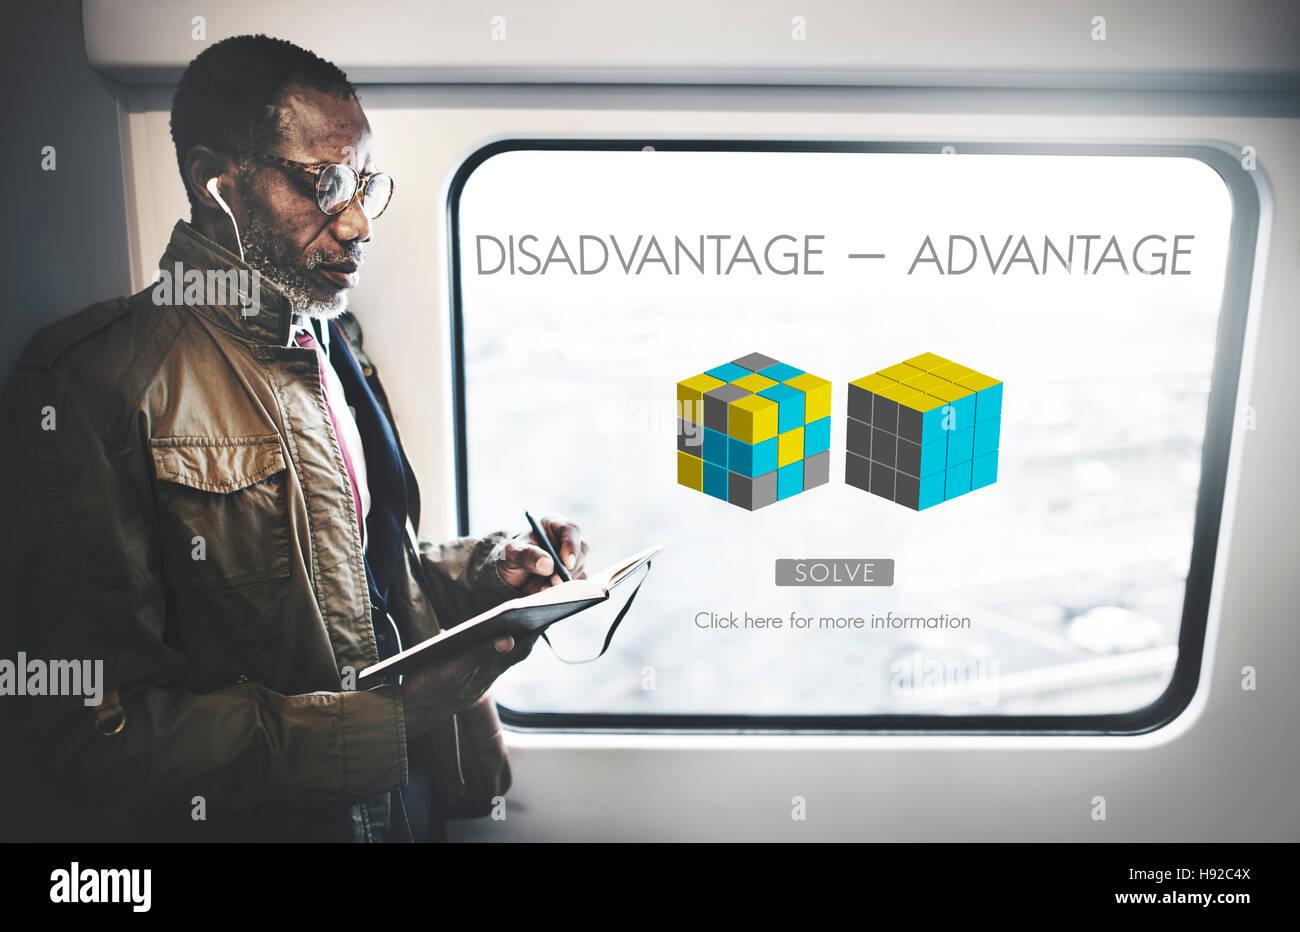 Advantage Disadvantage Comparison Solution Concept - Stock Image